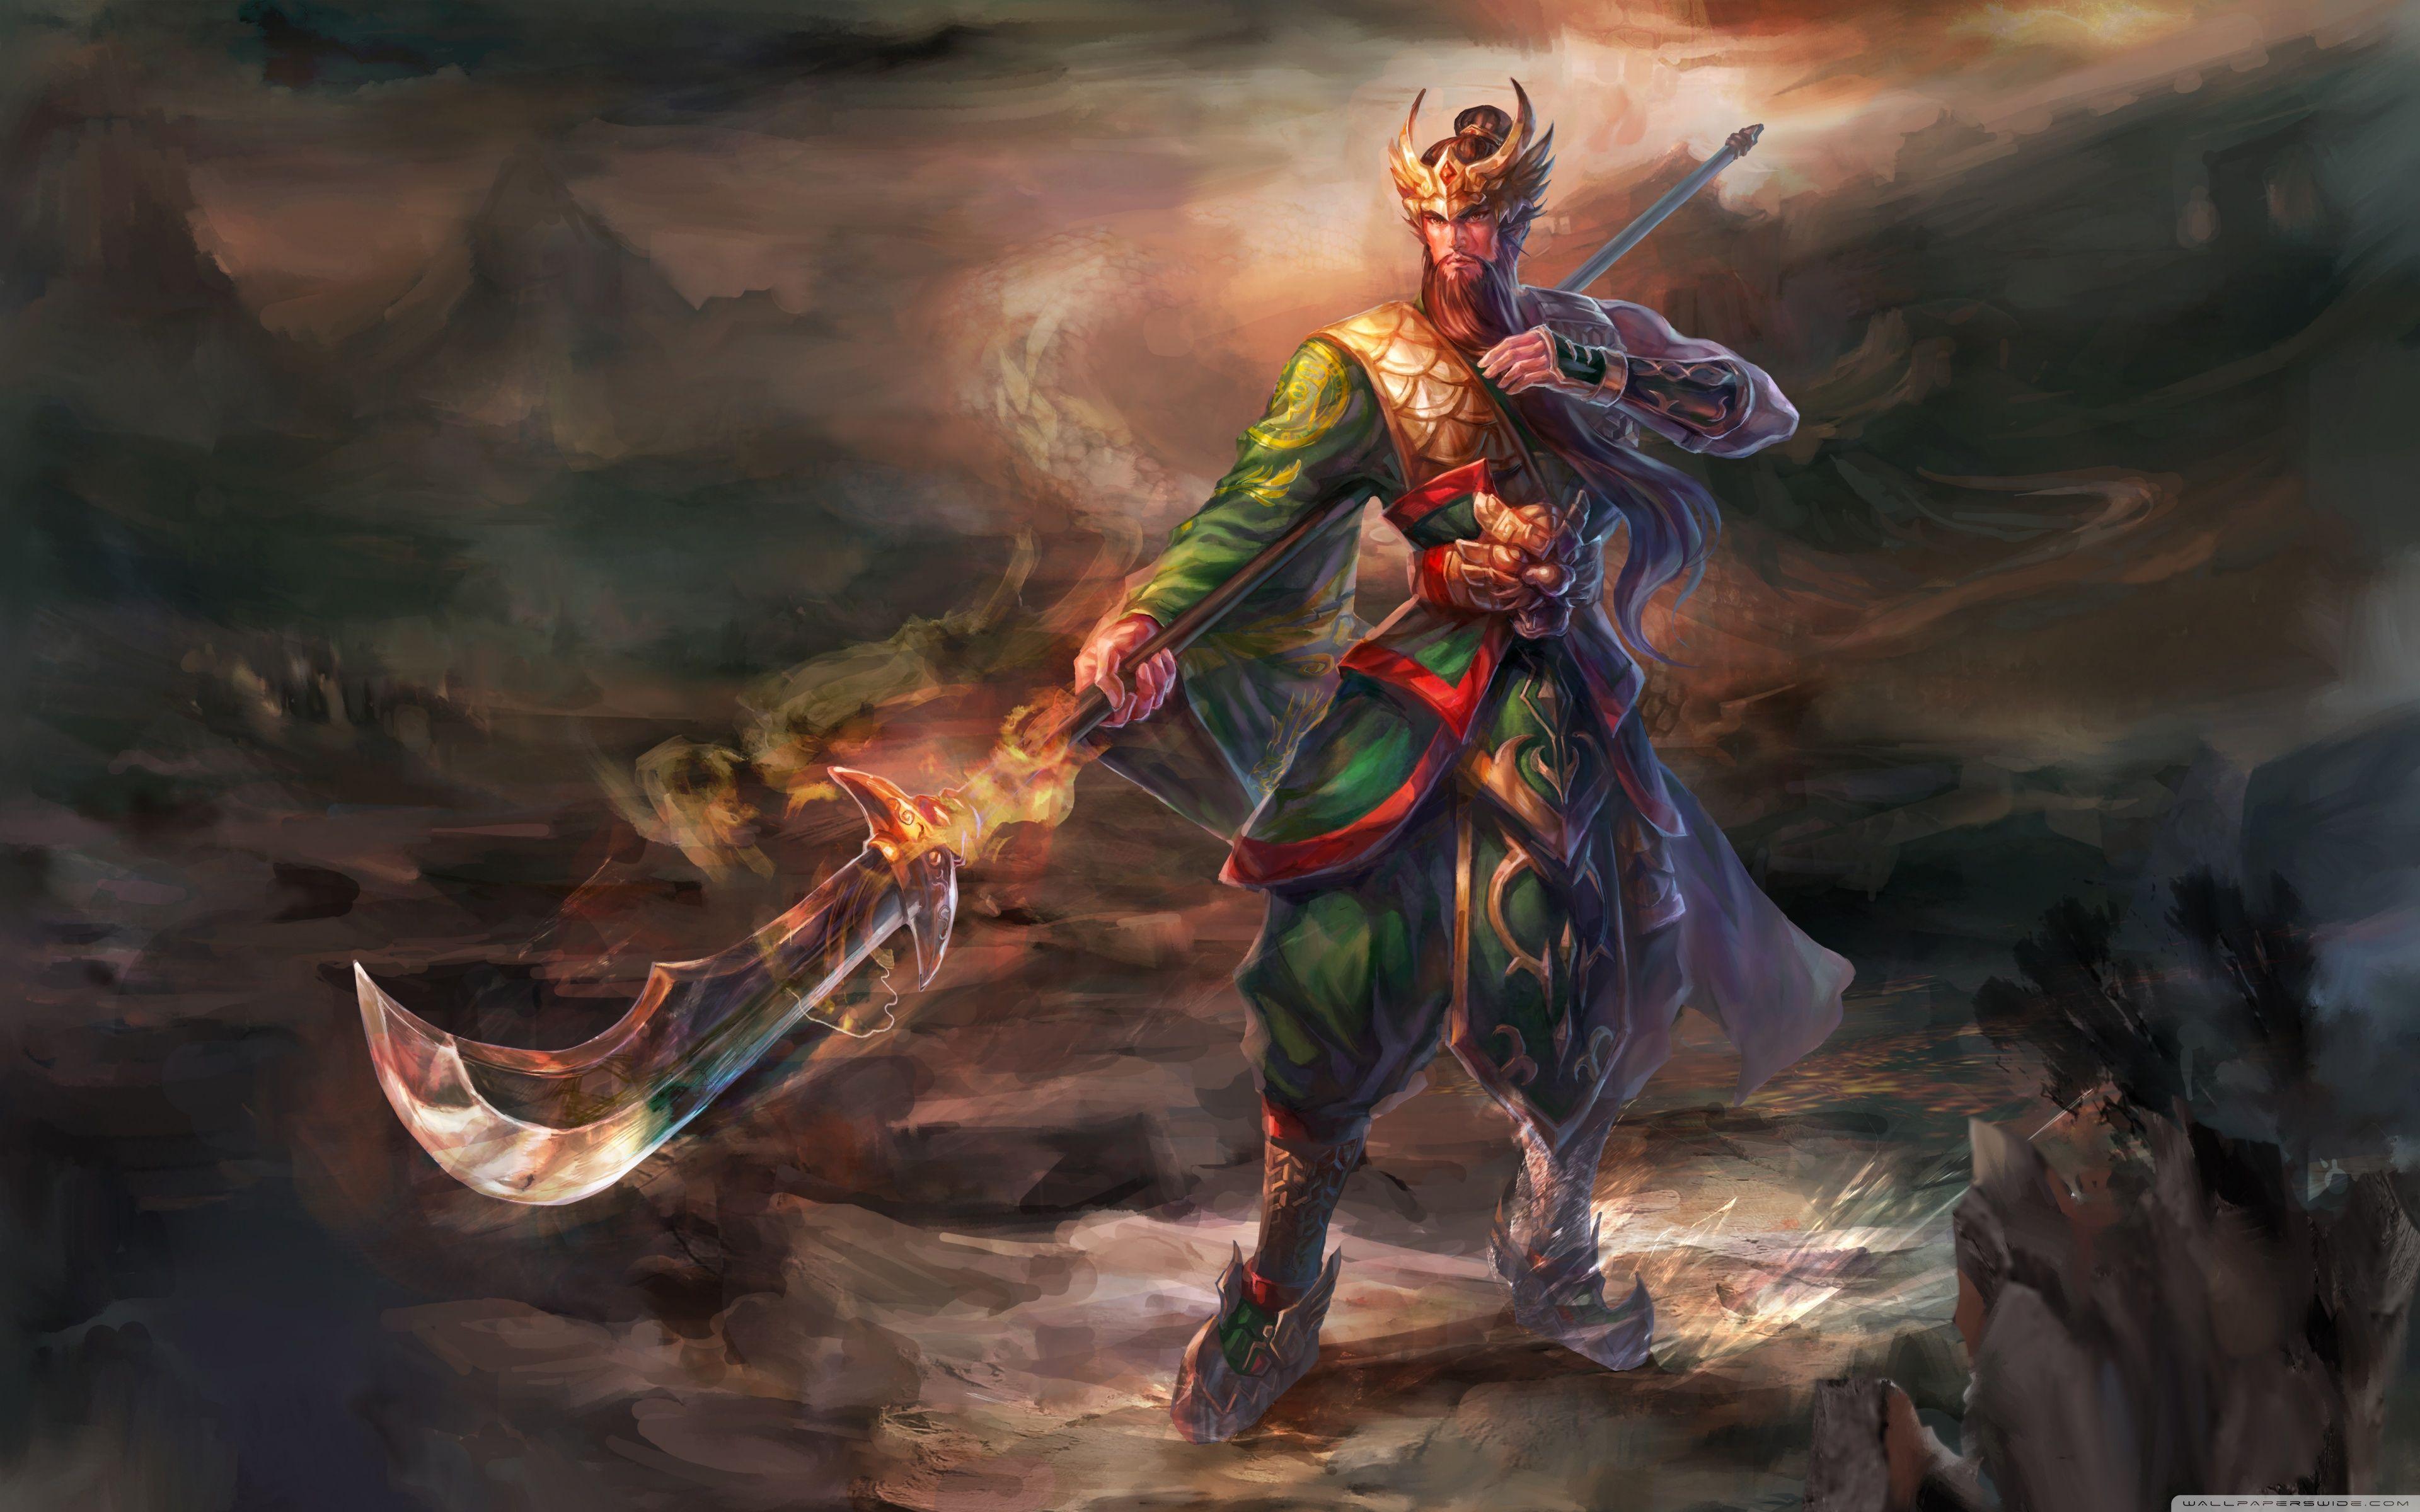 Guan Yu Wallpapers Top Free Guan Yu Backgrounds Wallpaperaccess